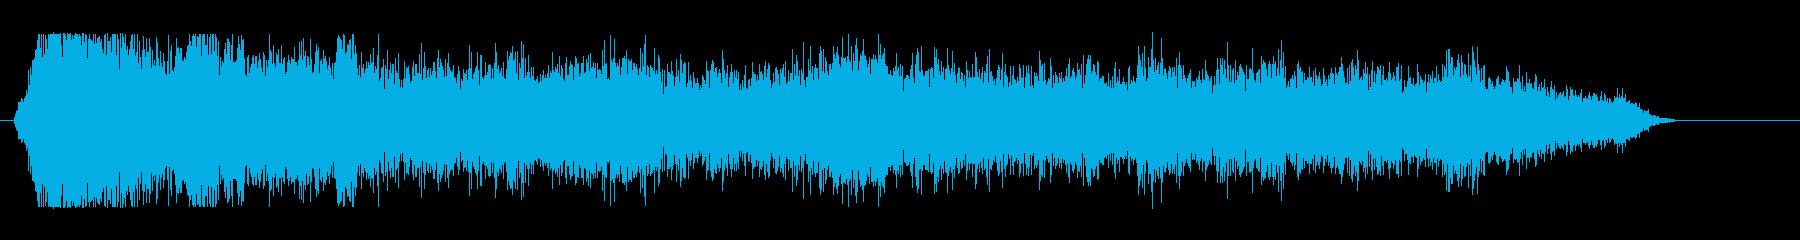 歩兵Ro音2; 1000人の男性が...の再生済みの波形